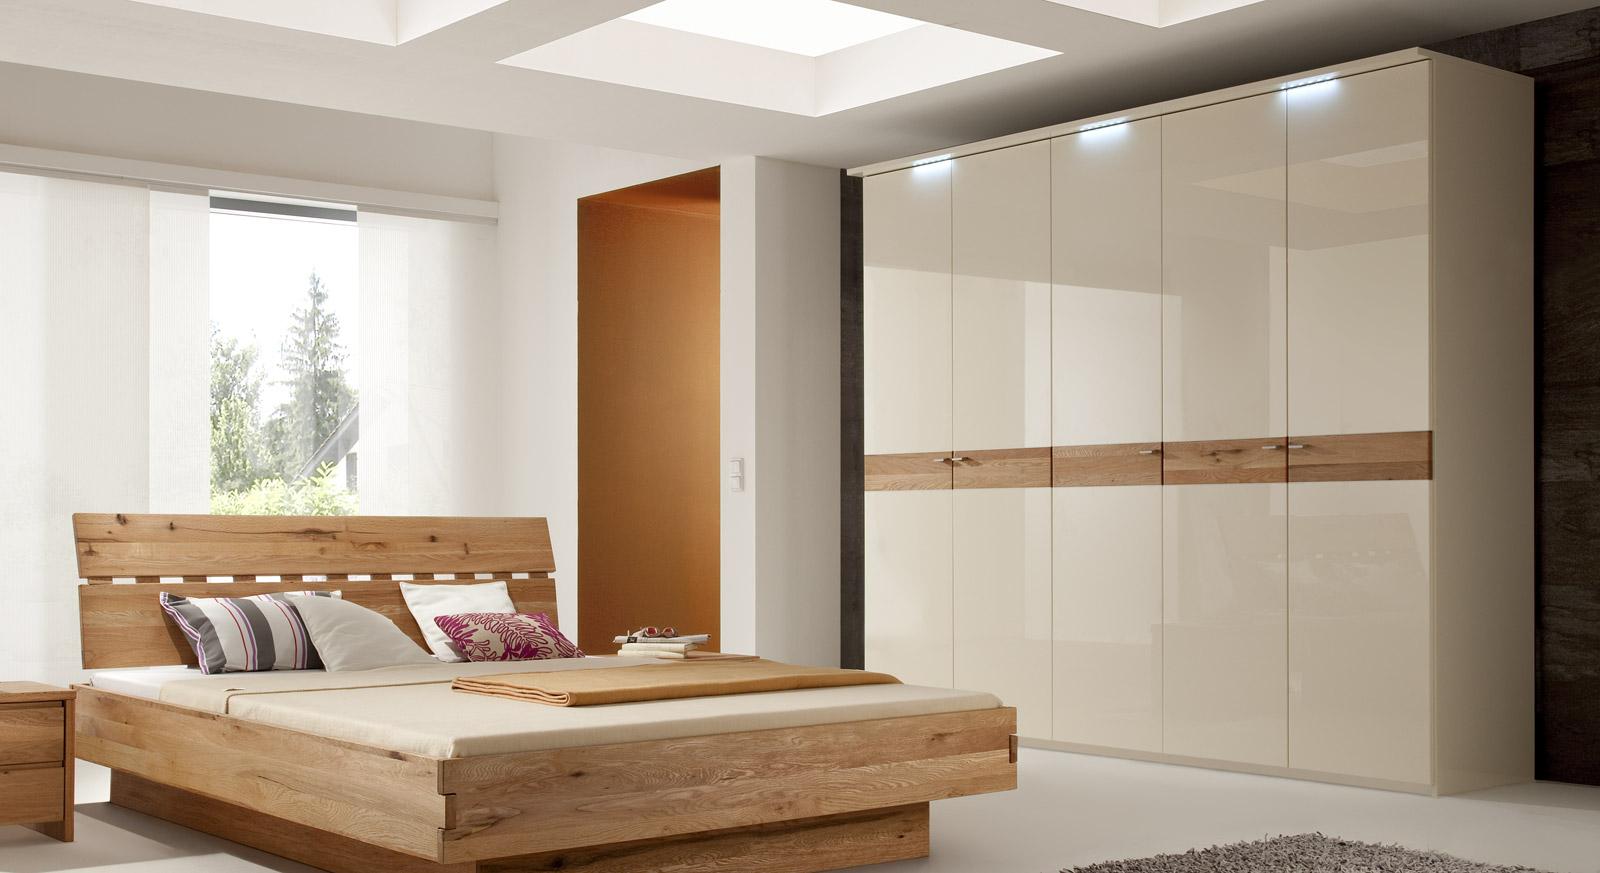 hochglanz kleiderschrank mit eichen applikationen - orlando, Schlafzimmer entwurf